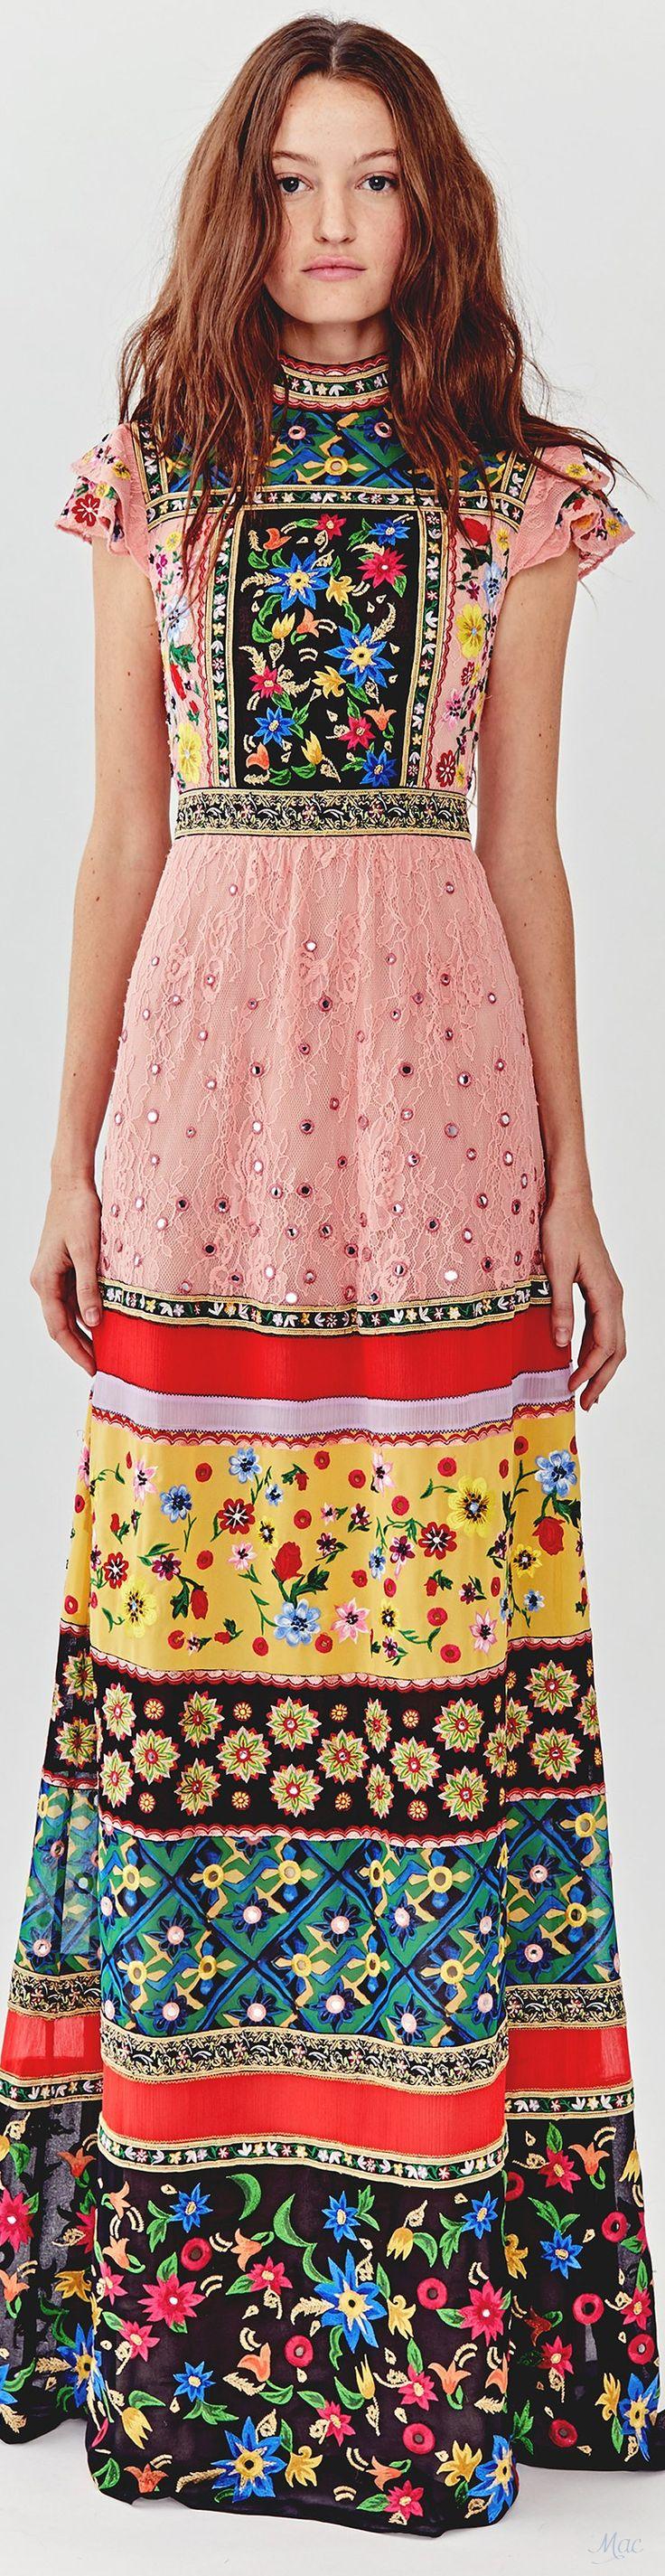 Mejores 4638 imágenes de CLOTHES en Pinterest   Alice olivia ...